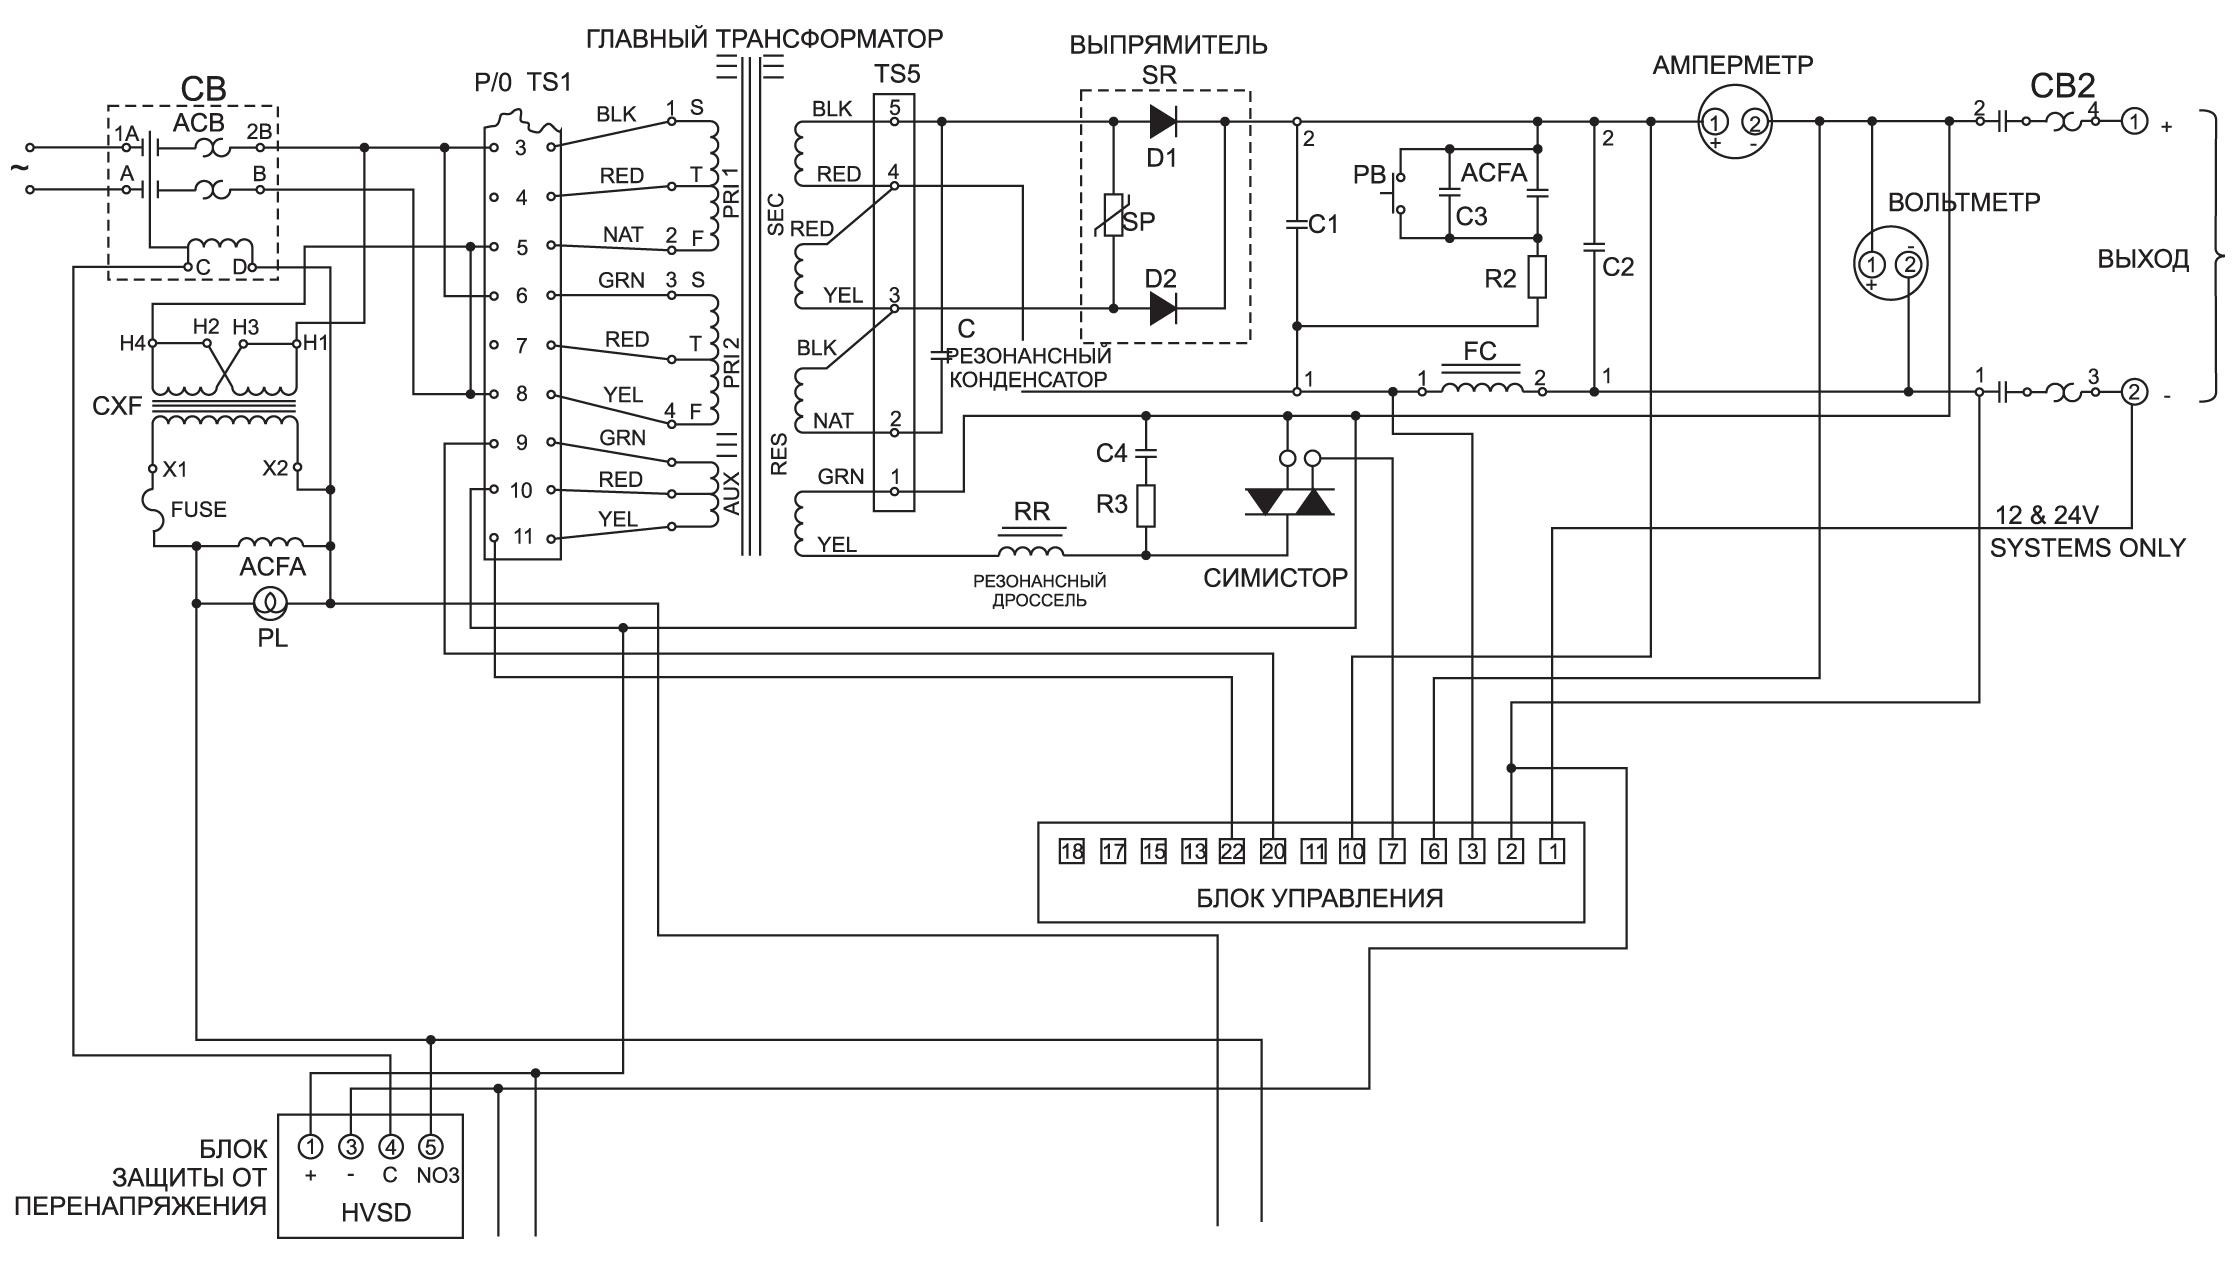 Принципиальная электрическая схема промышленного ЗПА феррорезонансного типа серииARE производства компании C&D